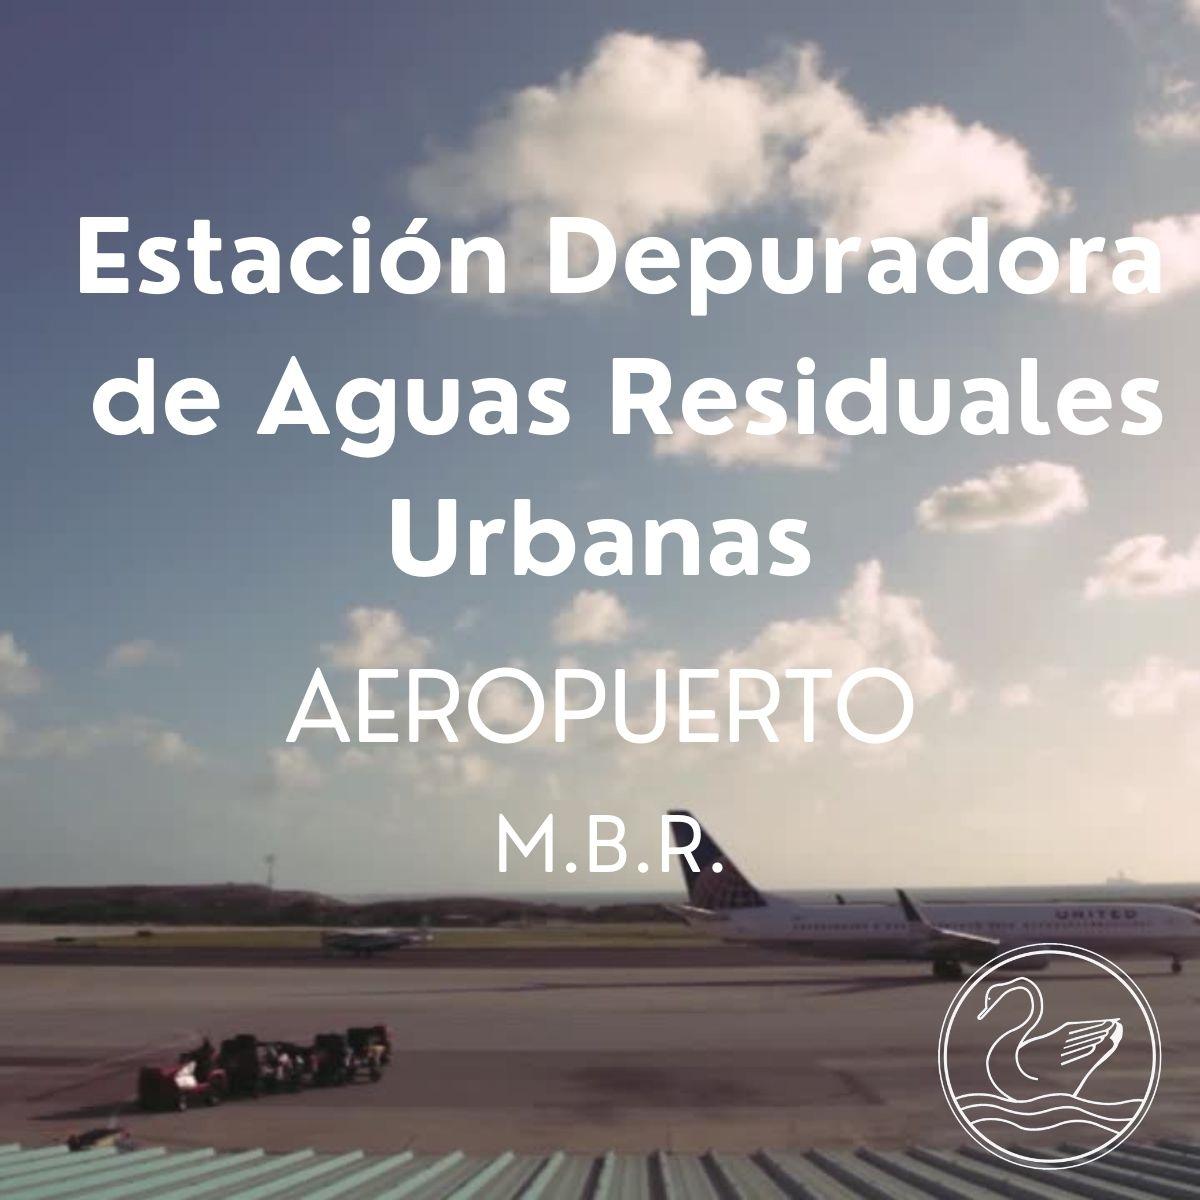 Obras realizadas: Estación Depuradora de Aguas Residuales - Aeropuerto